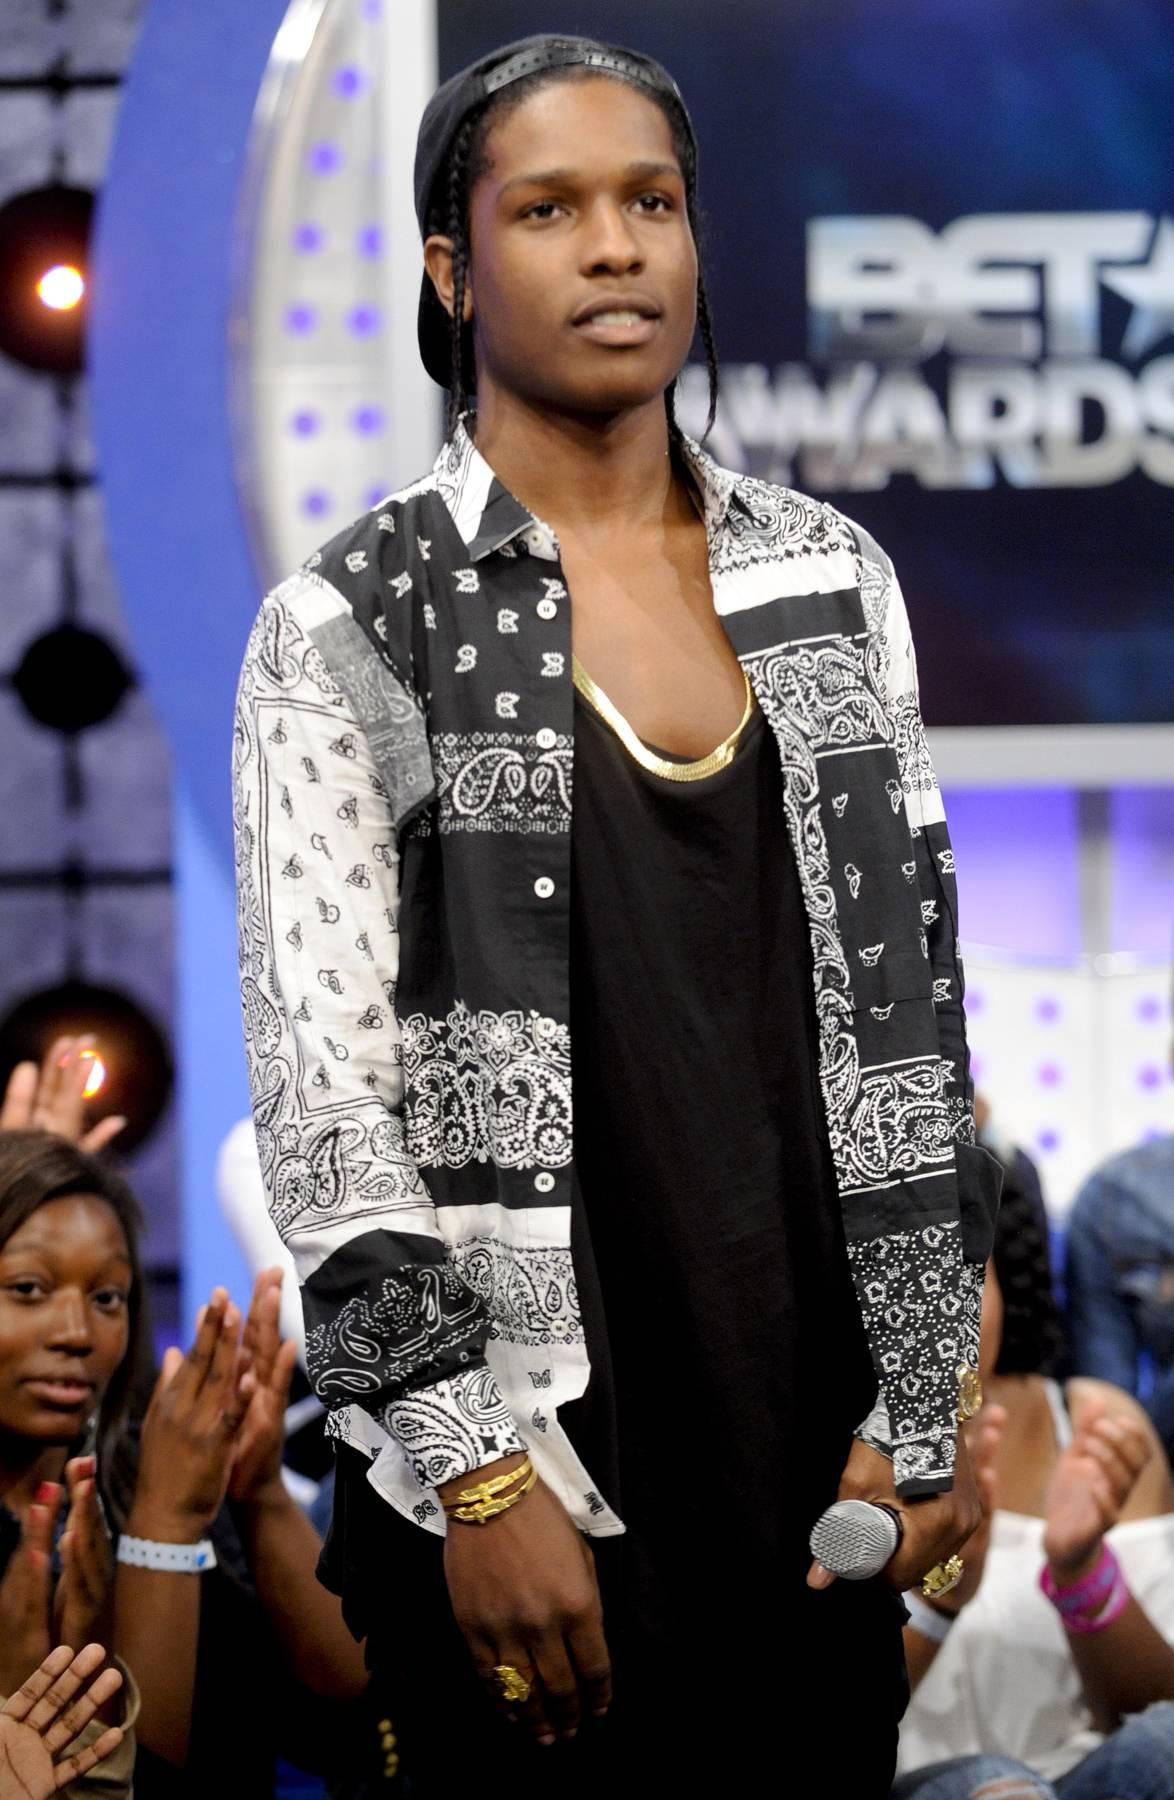 Swaggggg - A$AP Rocky at 106 & Park, May 22, 2012. (Photo: John Ricard / BET)